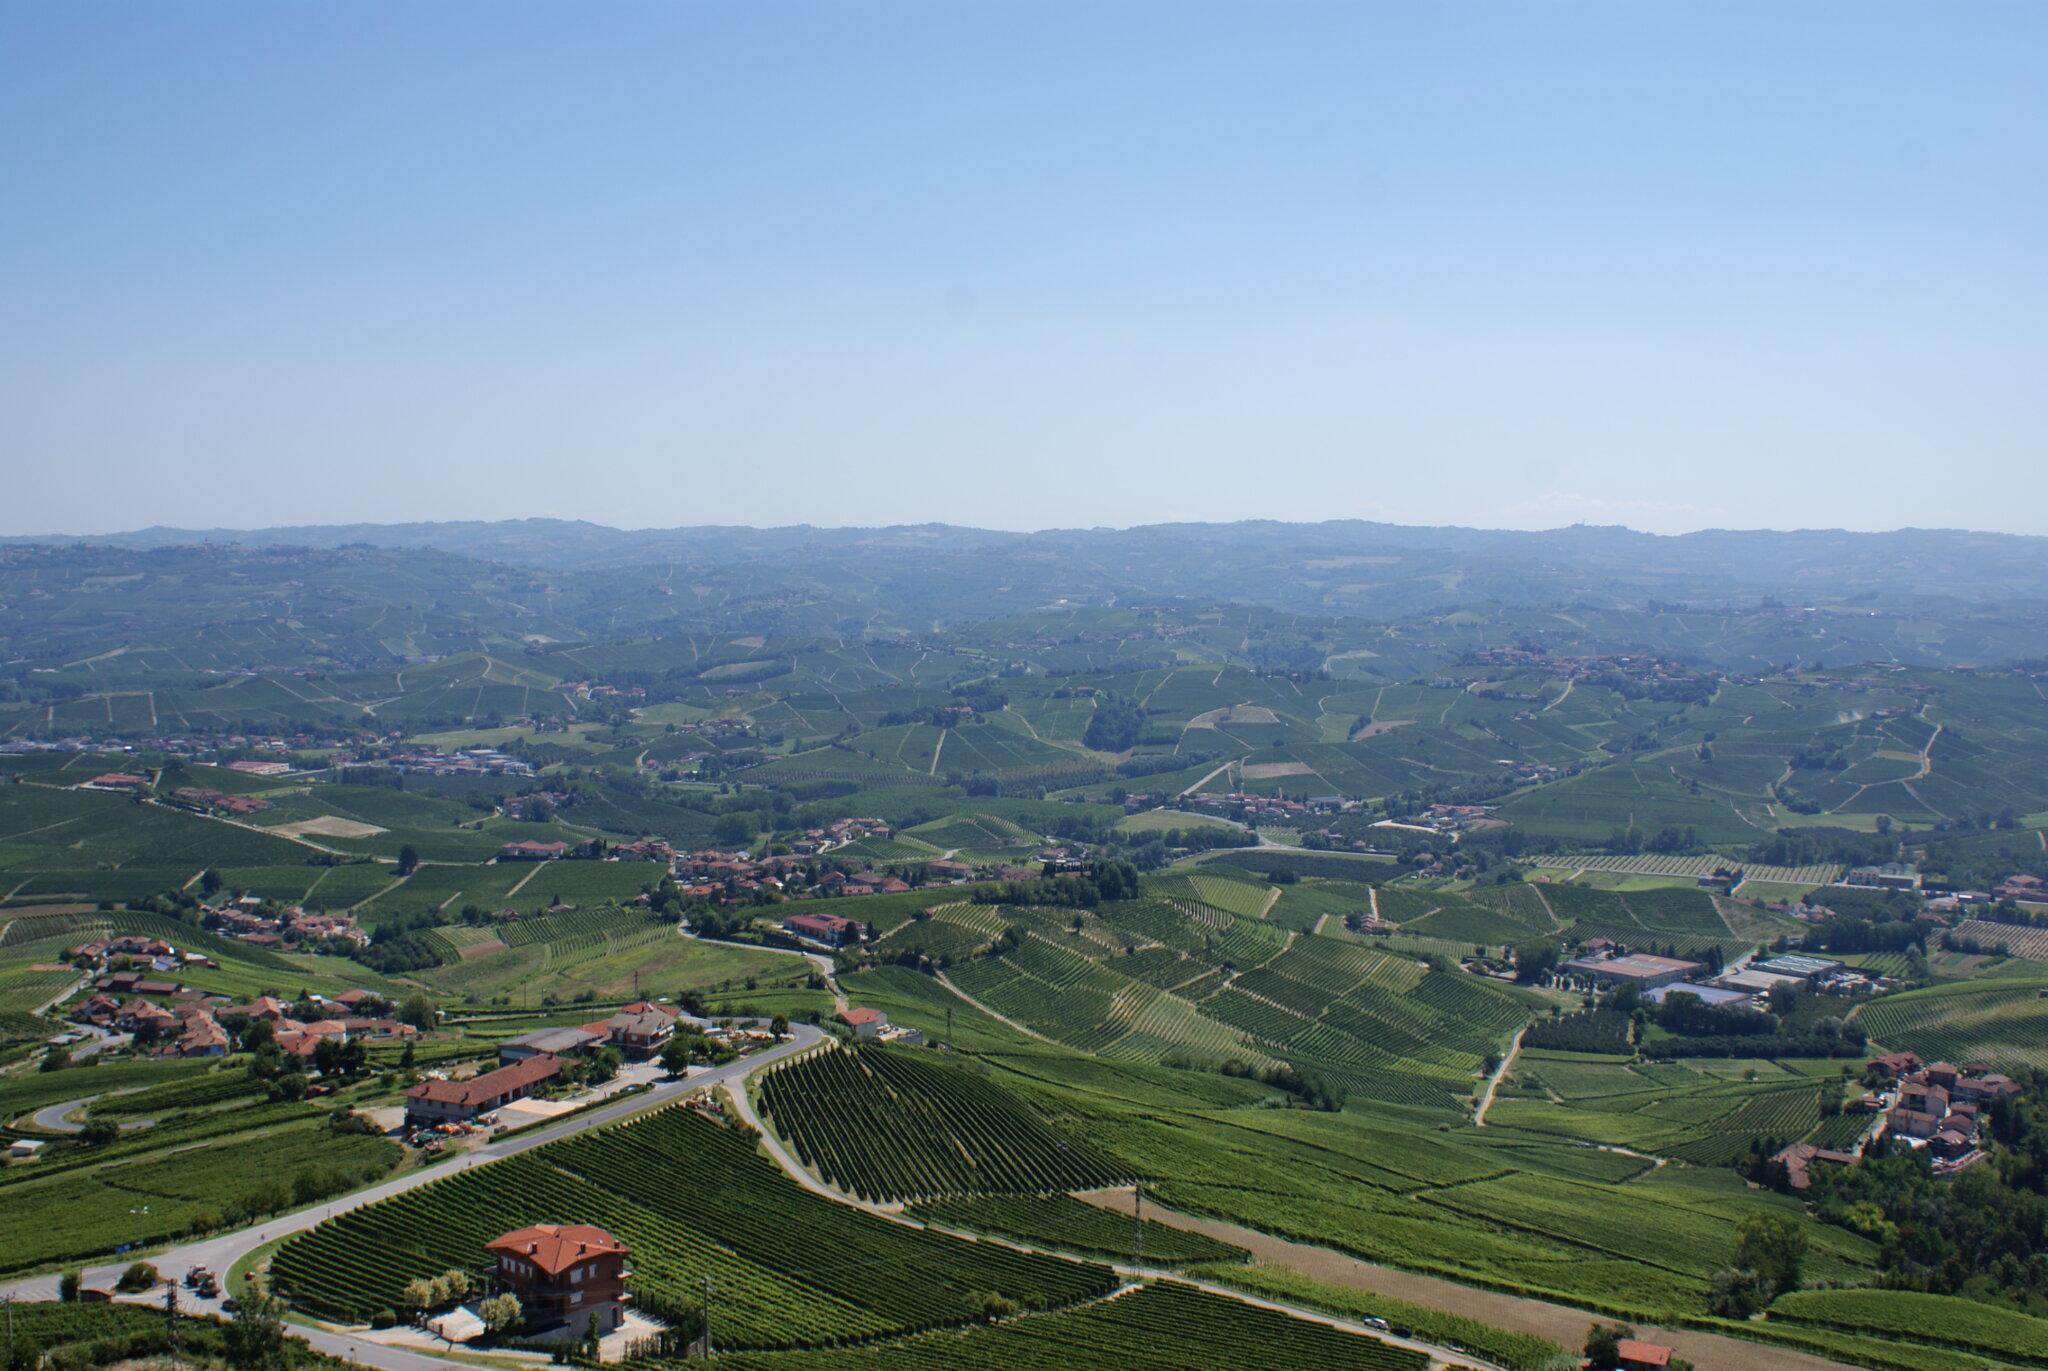 monferrato travel guide piemonte italy piedmont tips eat see do guida viaggio vedere mangiare fare turismo tourism trip francinesplaceblog la morra view